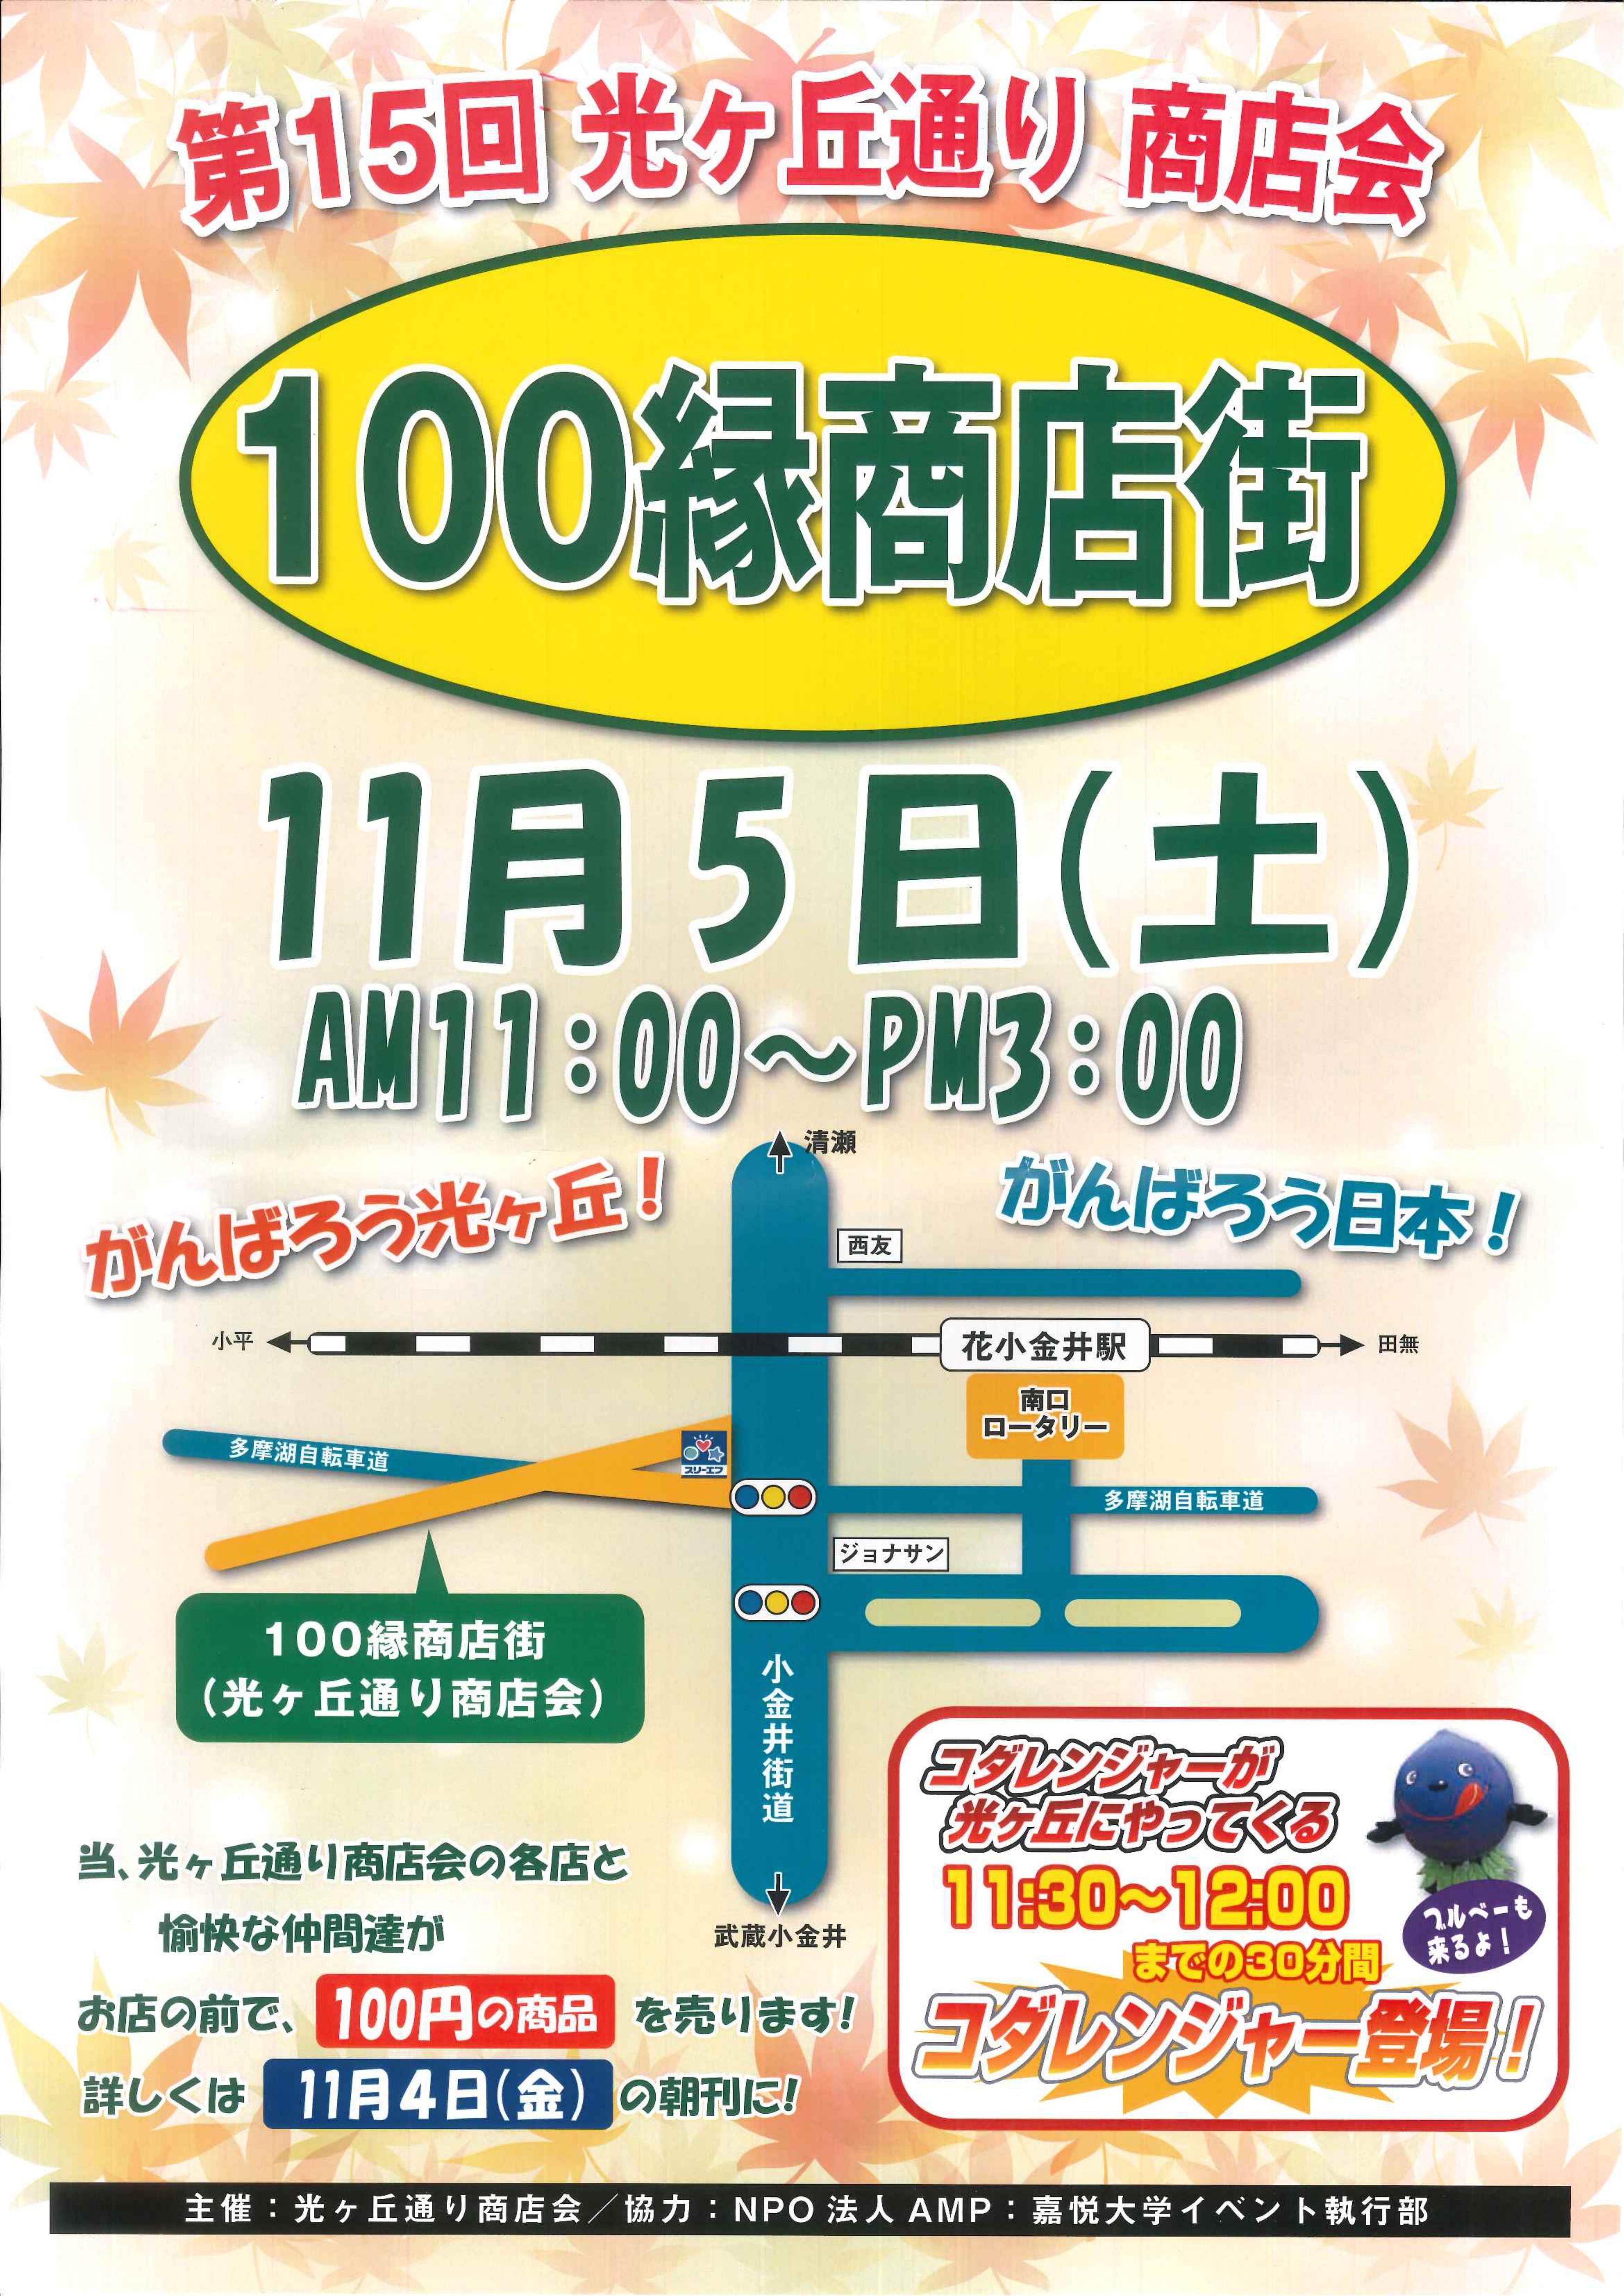 161105_100縁商店街.jpg